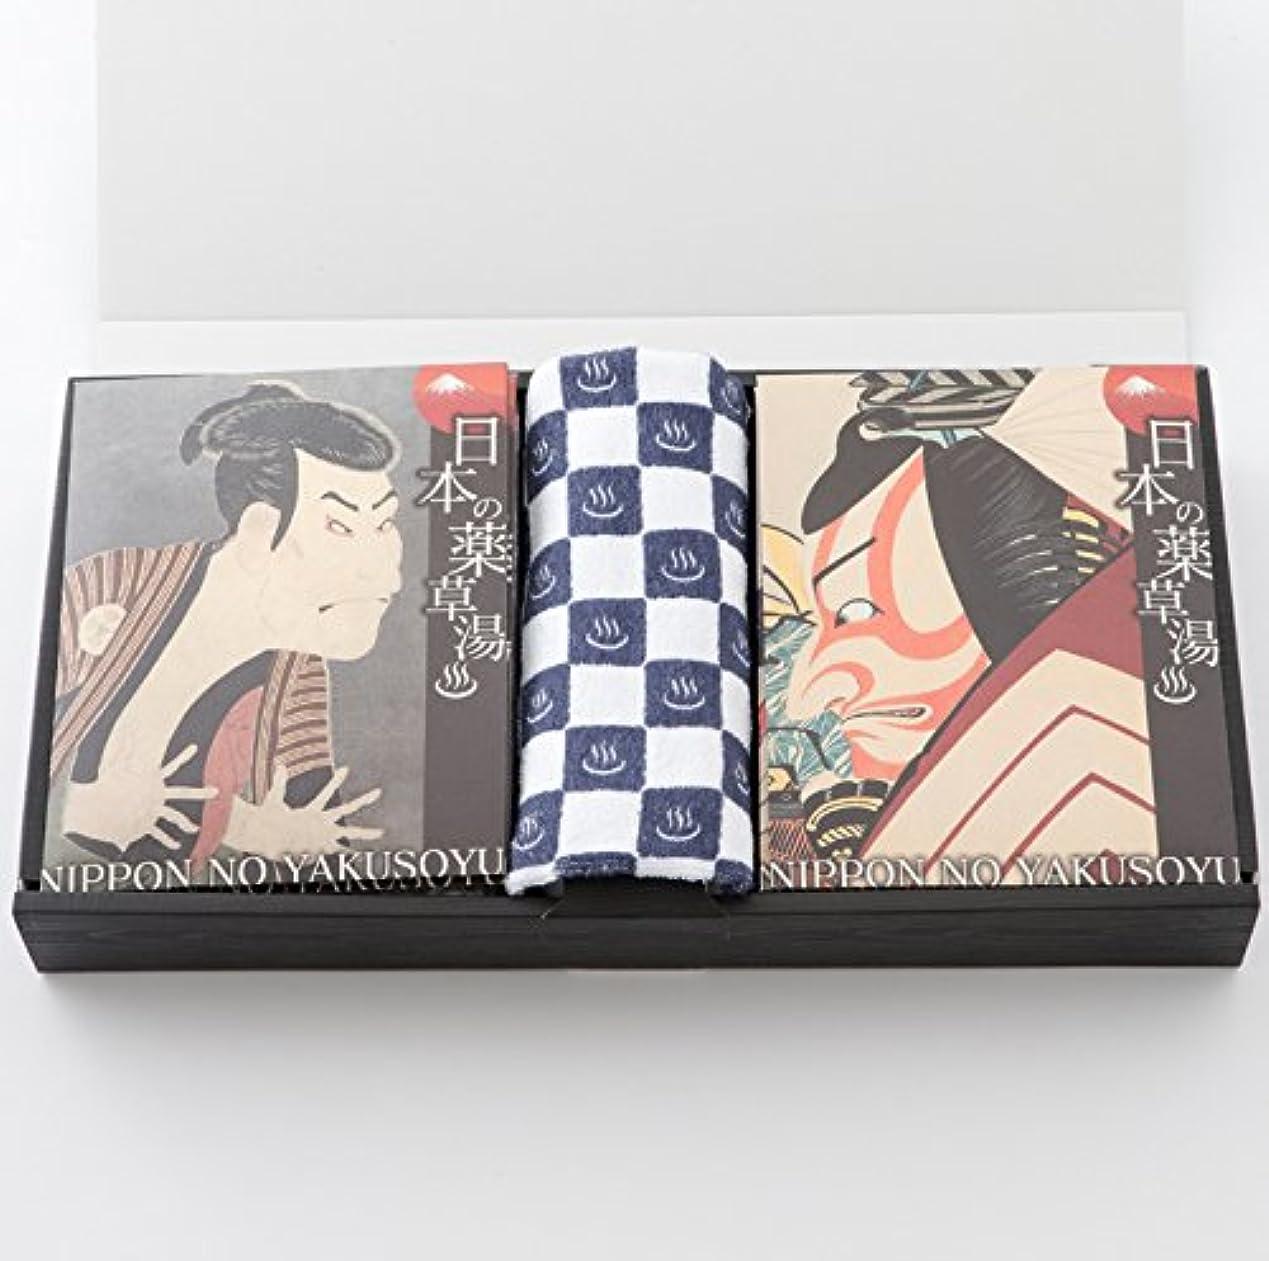 ドキドキ広くさまよう日本の薬草湯と湯めぐりタオルギフト (日本の薬草湯6包+湯めぐりタオル1本)